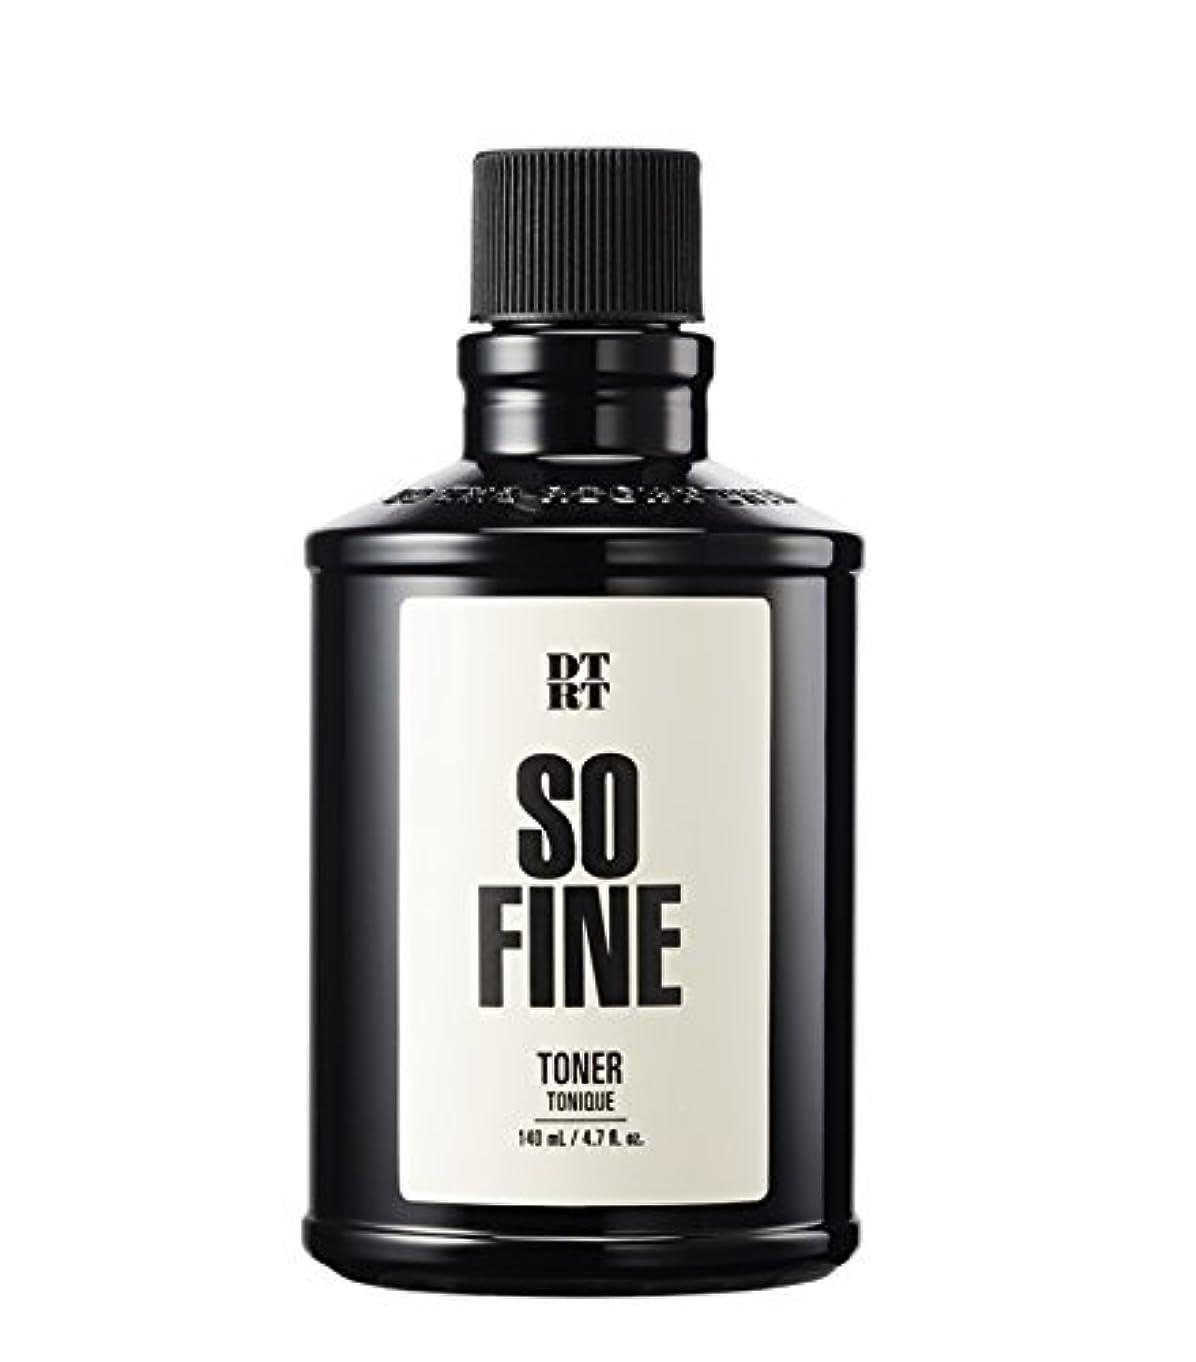 構成員ドアマーティフィールディングDTRT トナーソファイン140ml For men / DTRT So Fine Toner / Korea Cosmetic